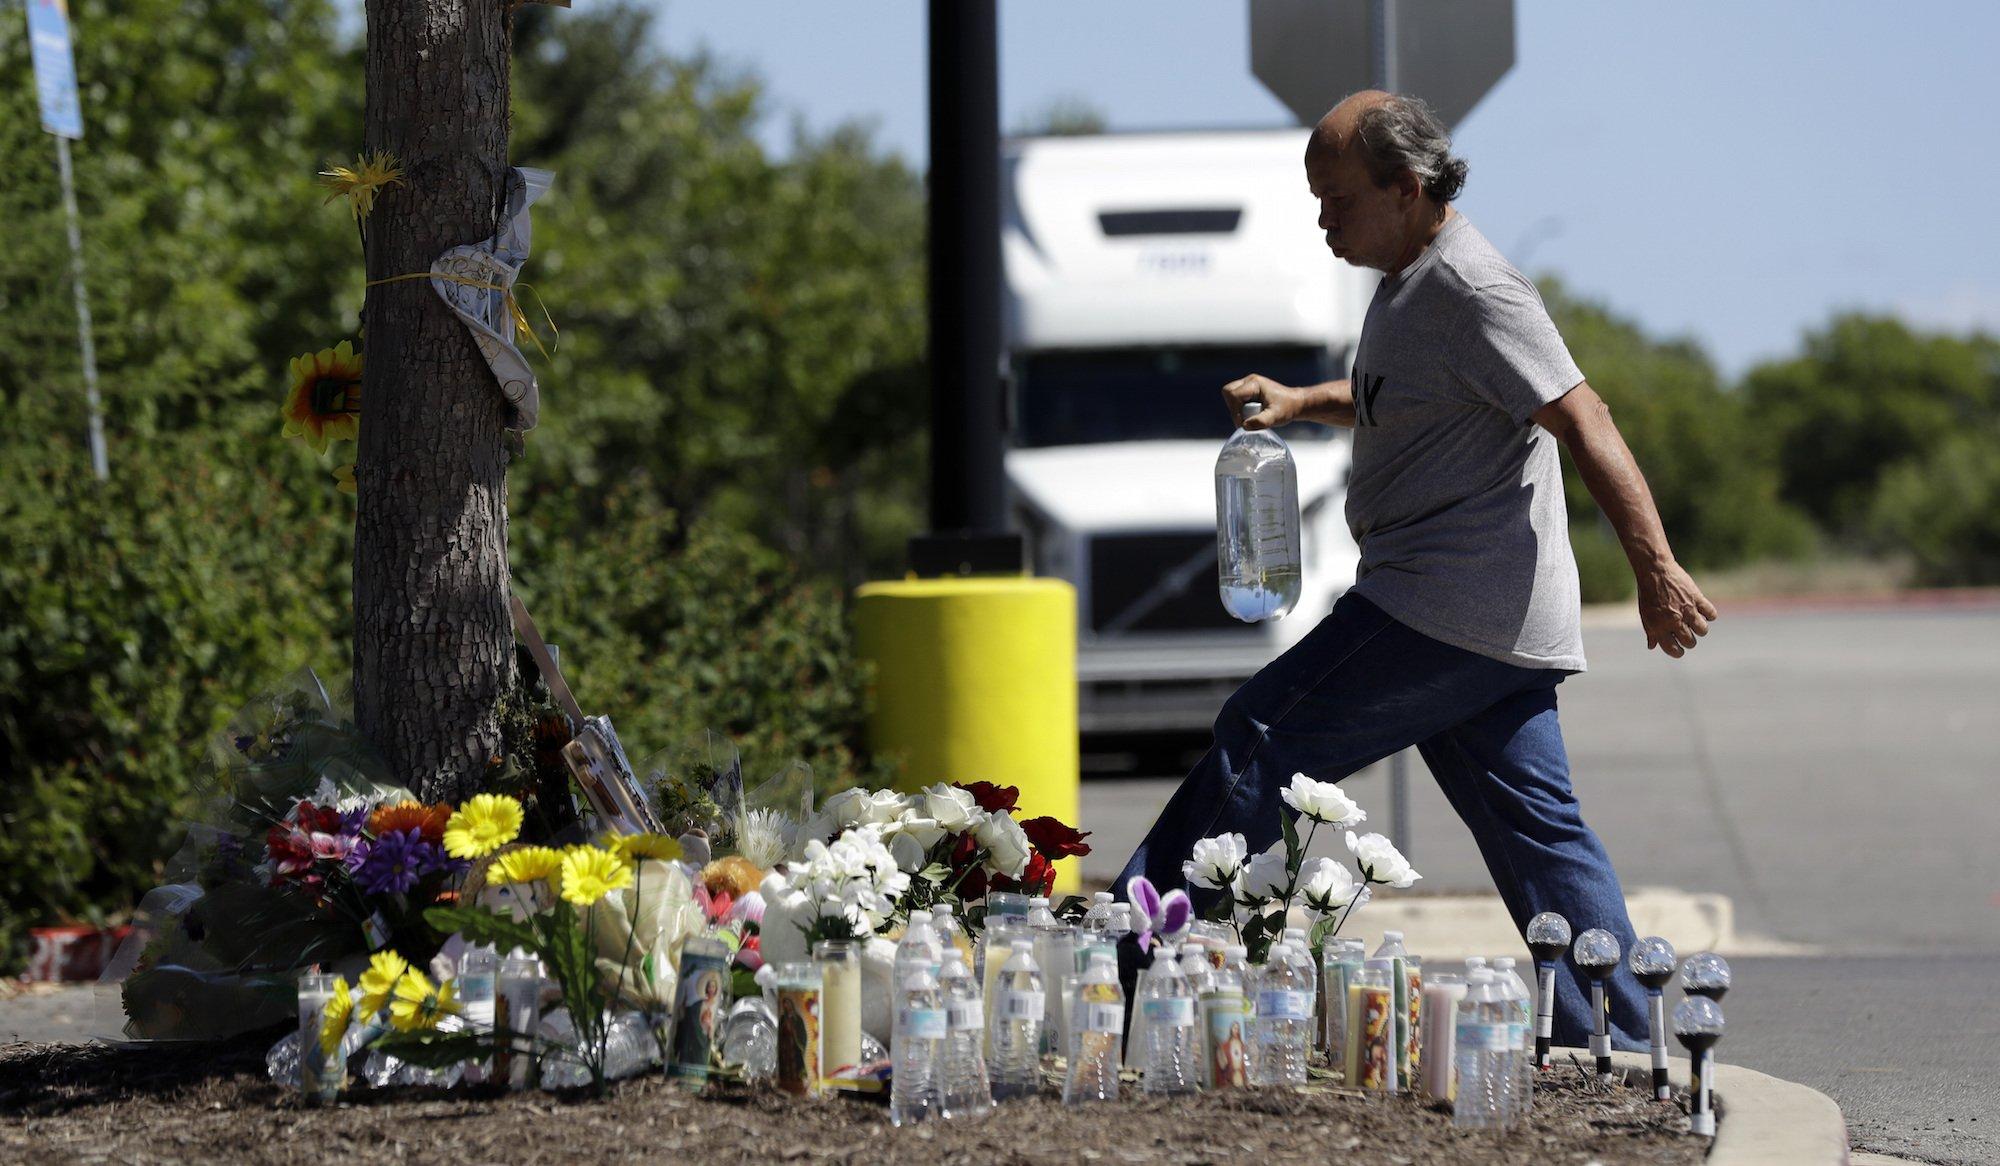 san antonio texas memorial smuggling